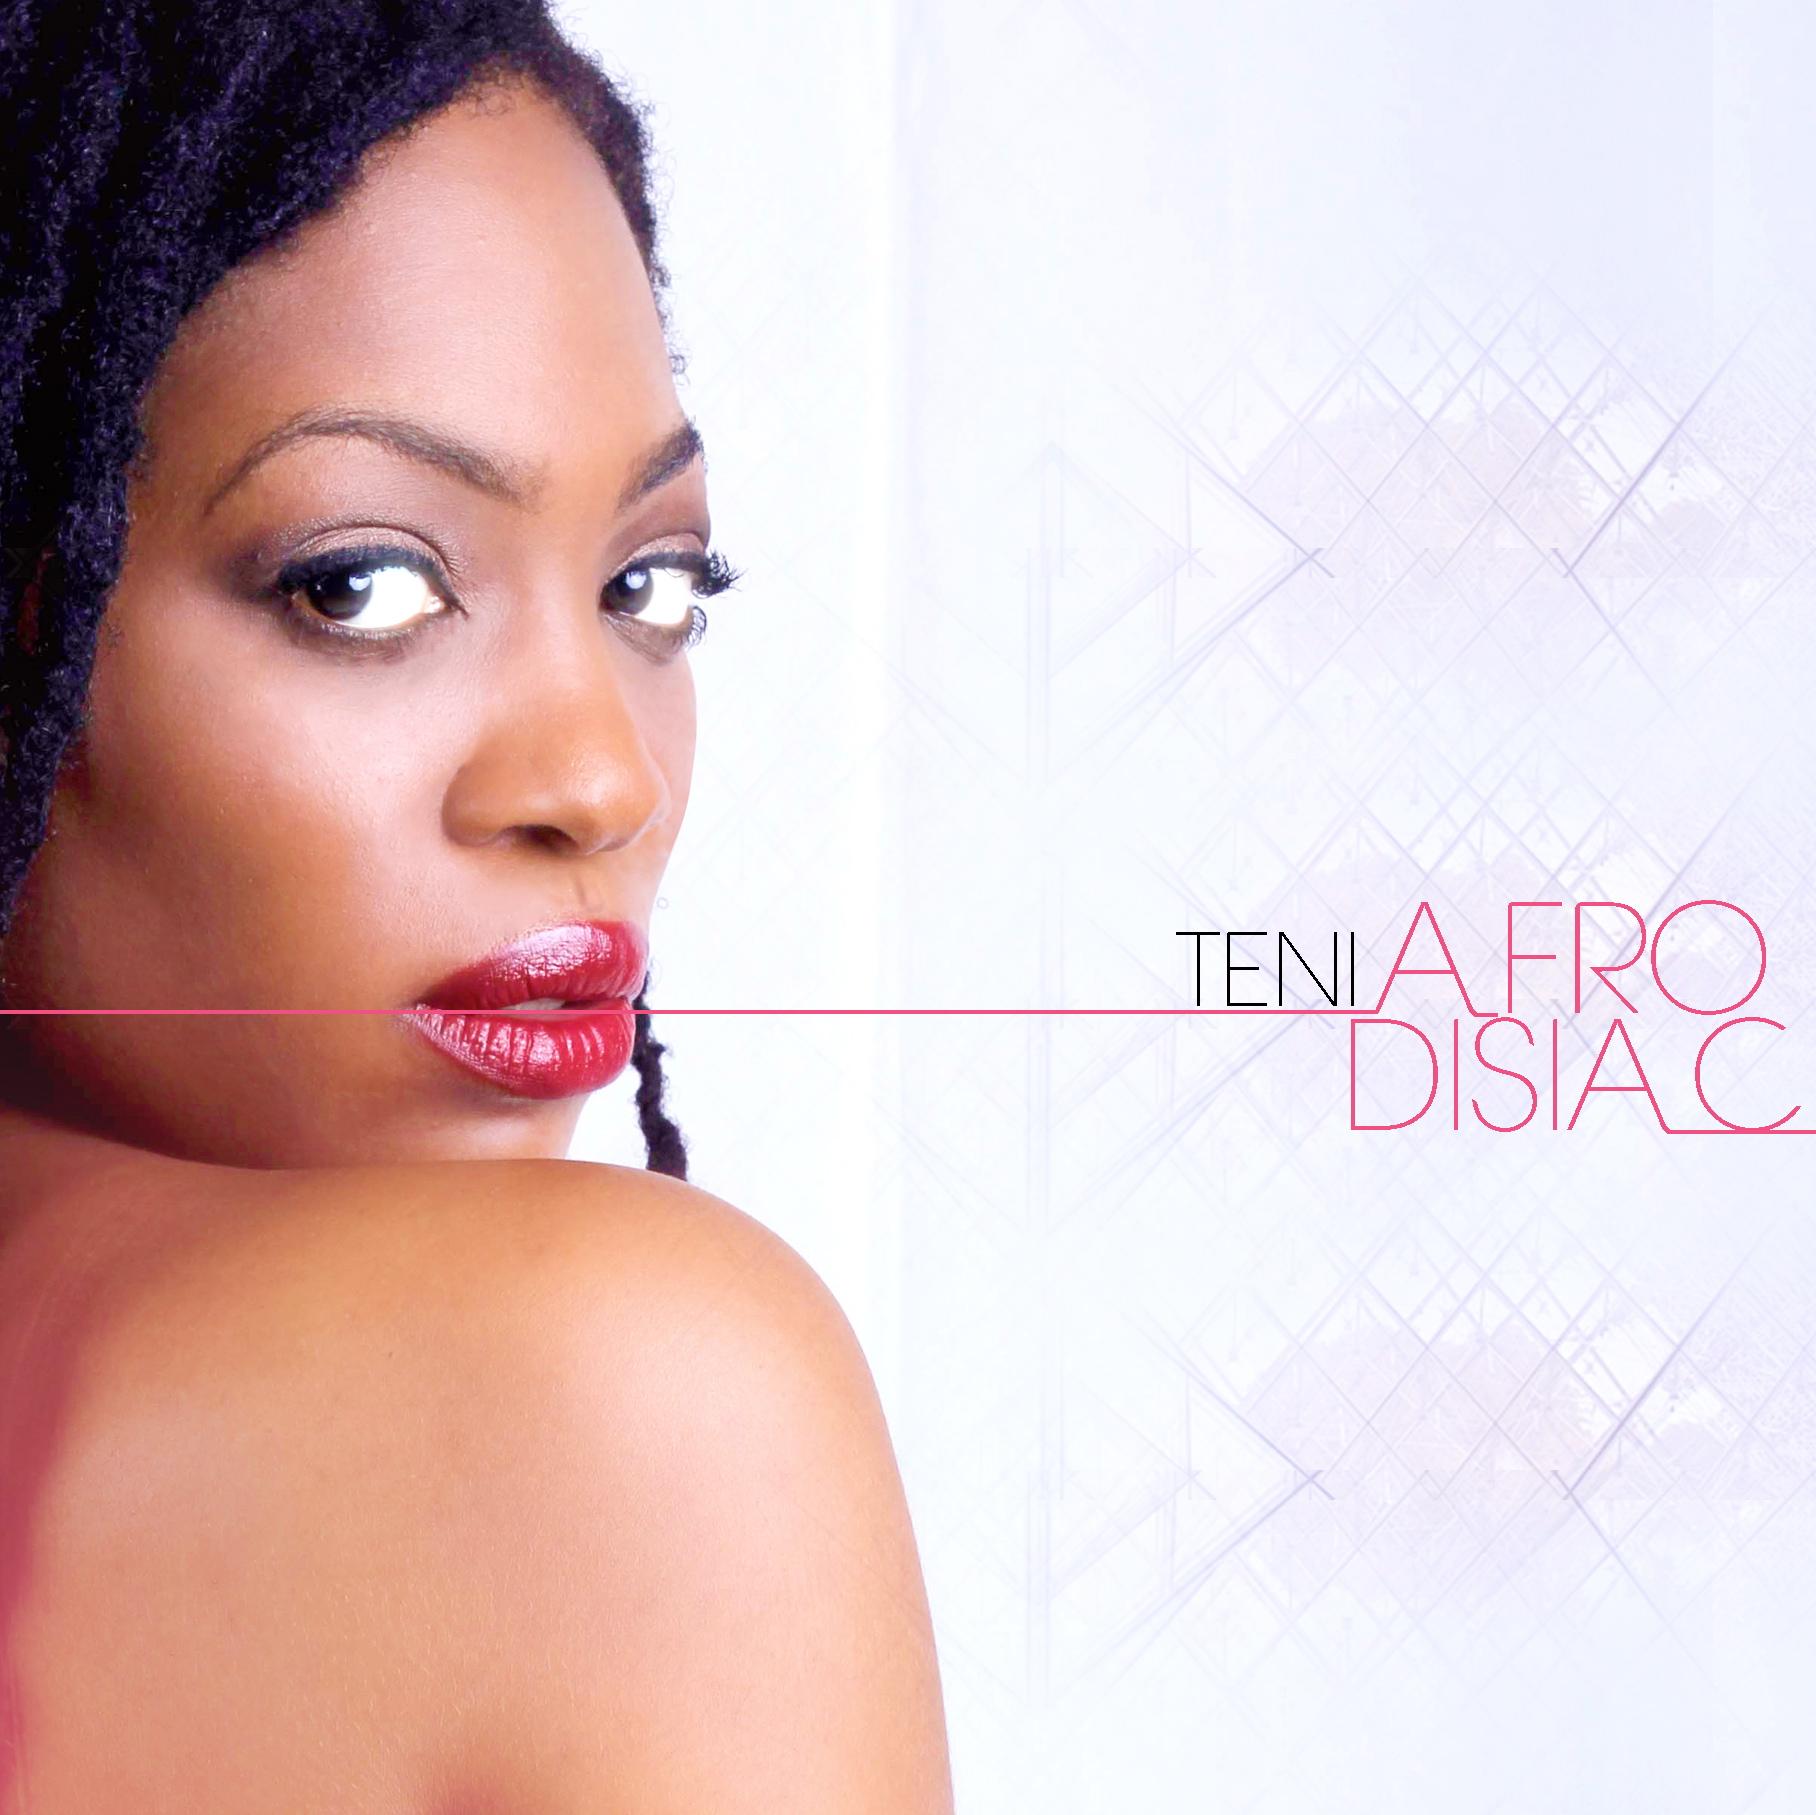 Teni – Afrodisiac